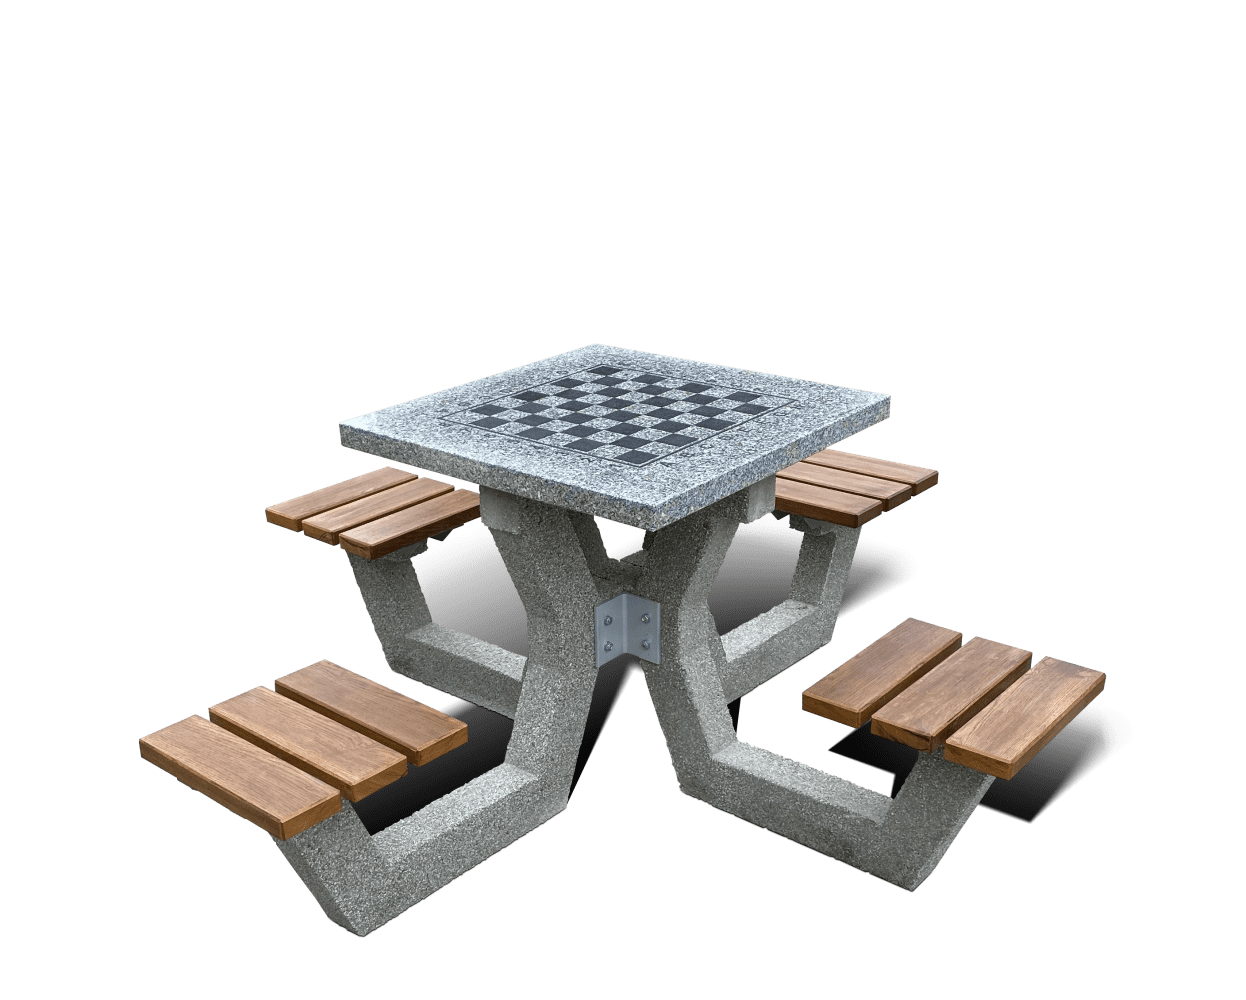 img/stolik-betonowo-drewniany-do-gry-w-szachy_0_large.png